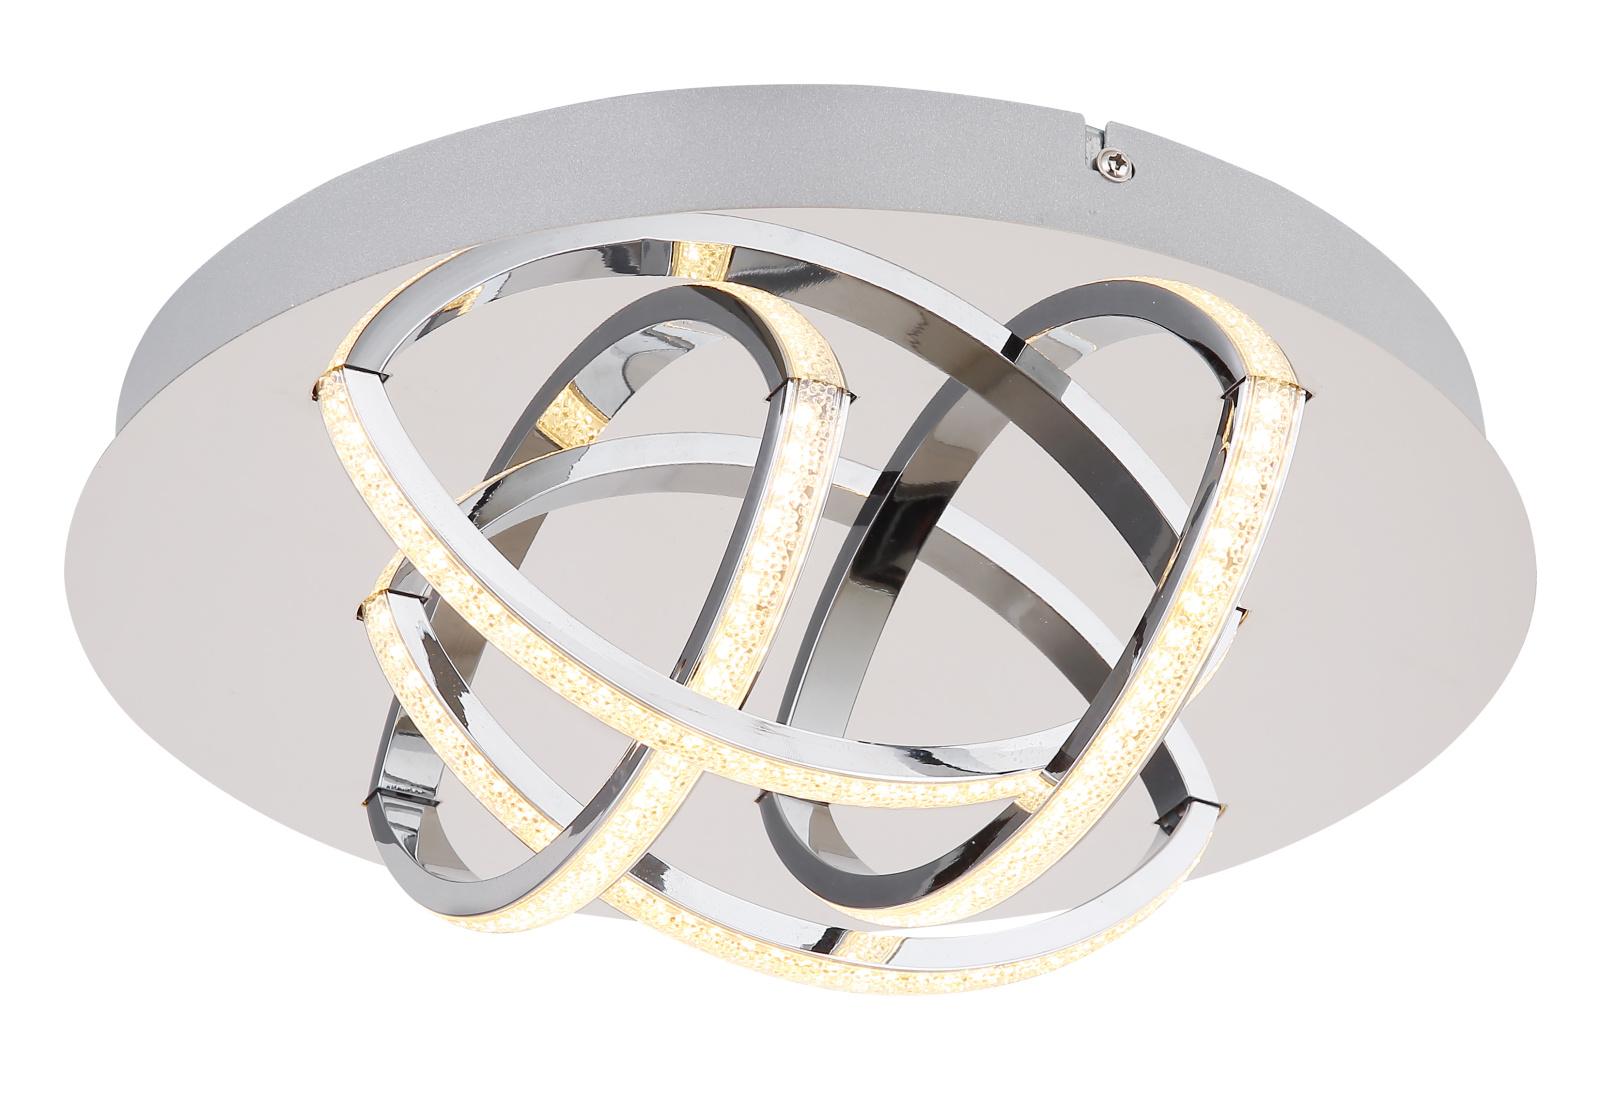 Mennyezeti lámpa króm váz, akril átlátszó búrával, benne akril kristály dekorral inkl. 1xLED 15W 230V, 900lm,  3000K IP44